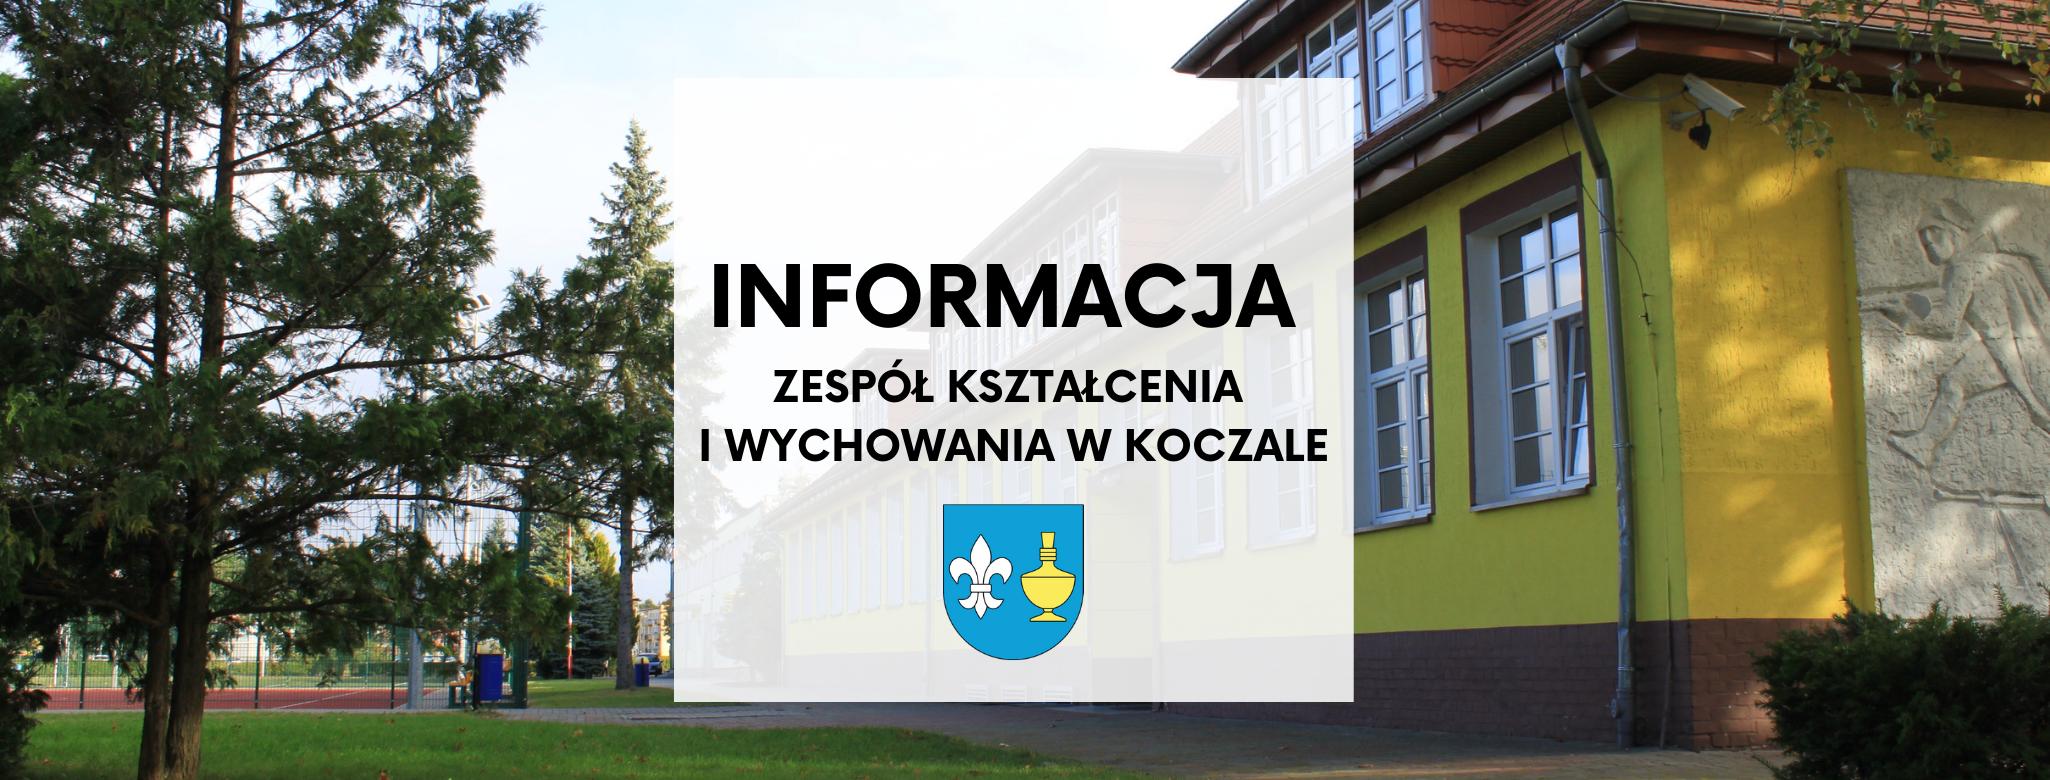 nagłówek graficzny o treści: informacja zespół kształcenia i wychowania w Koczale. W tle zdjęcie budynku szkoły i boiska, pod napisem herb Gminy Koczała.